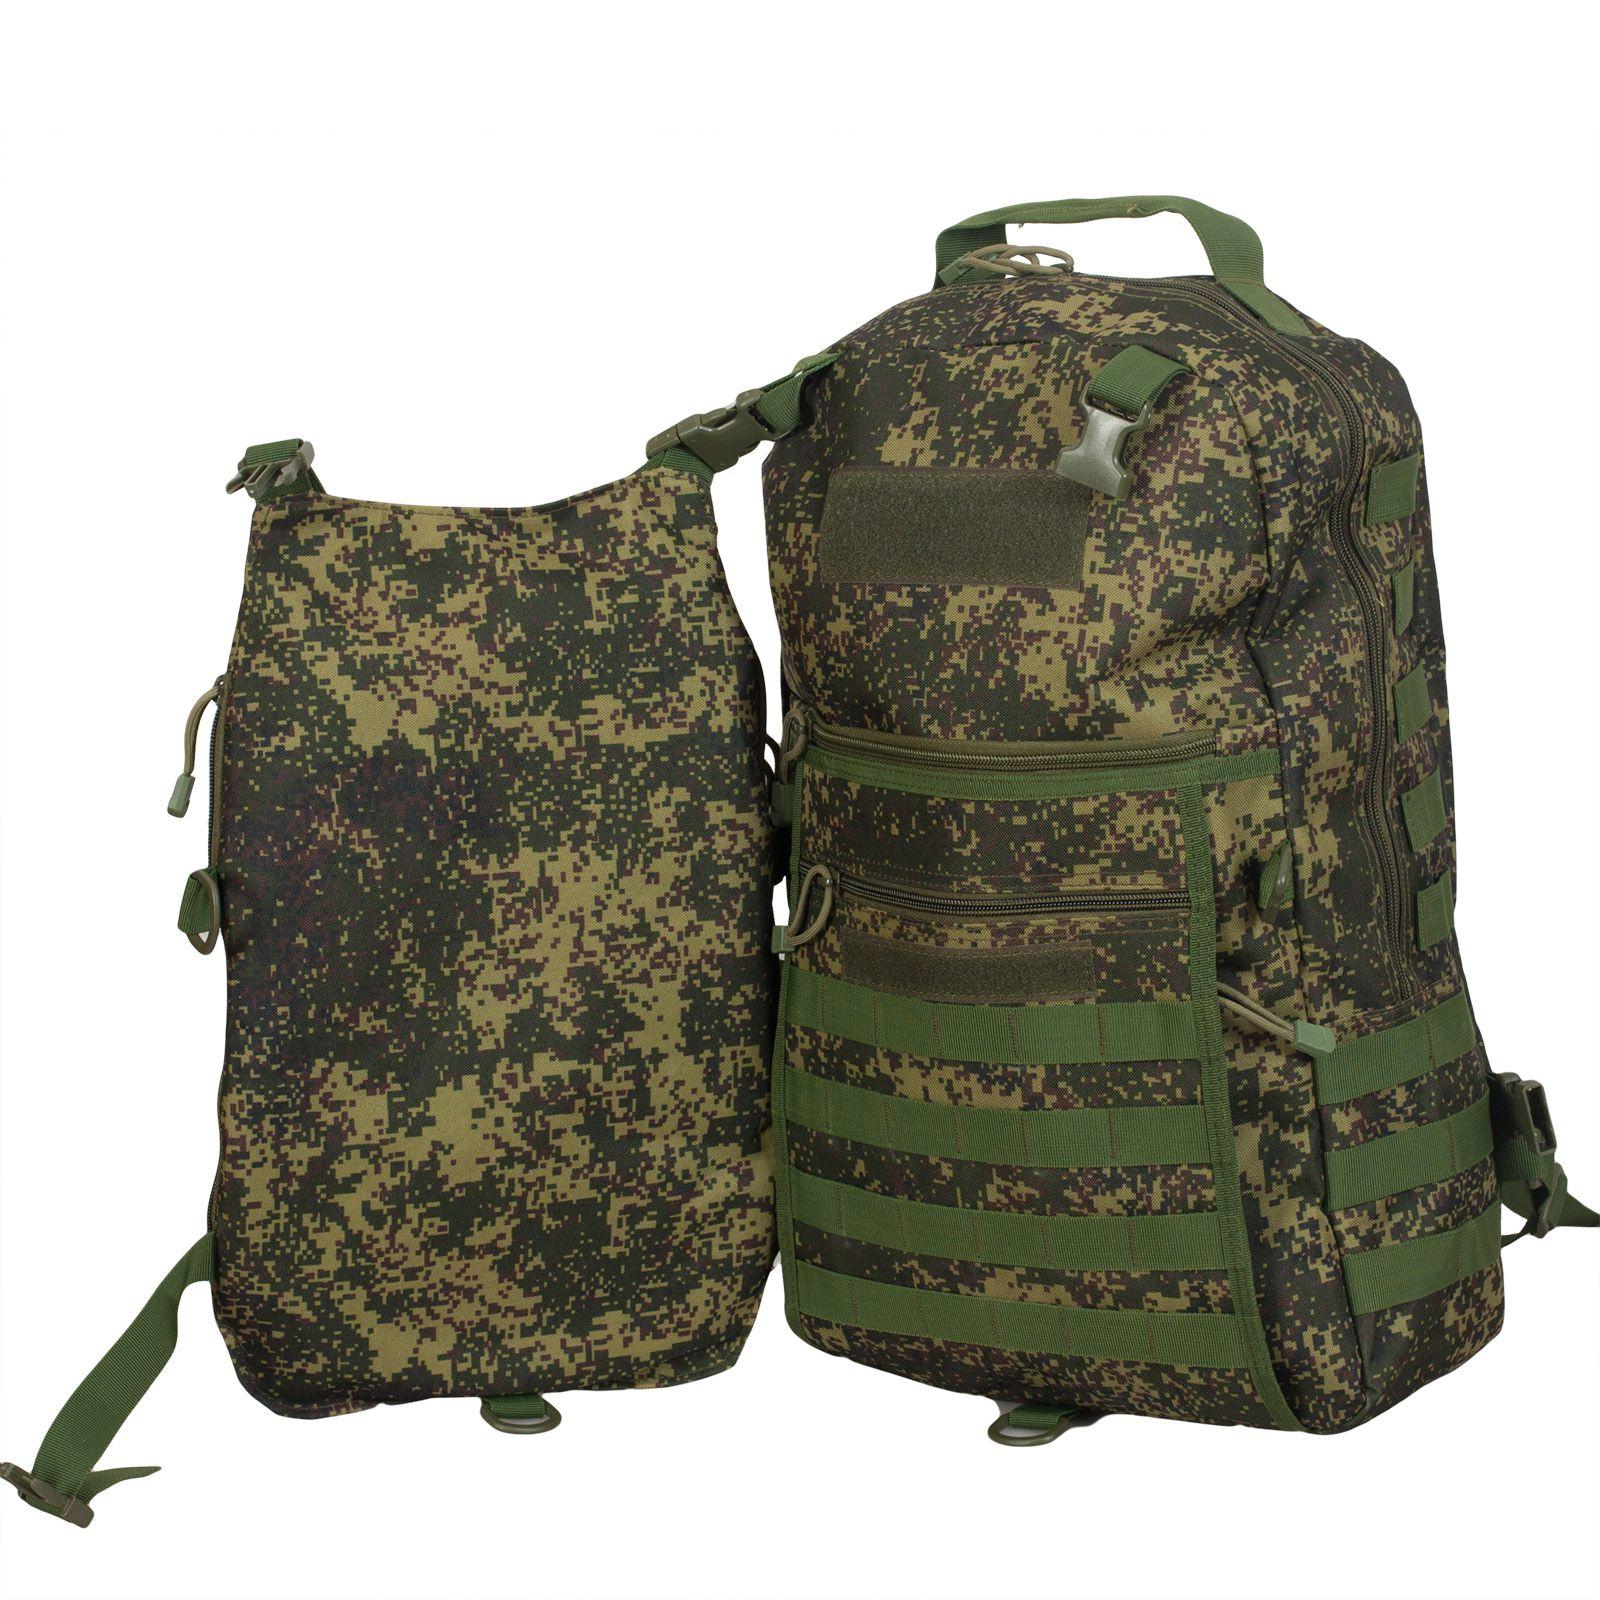 Купить рейдовый рюкзак камуфляж Цифра